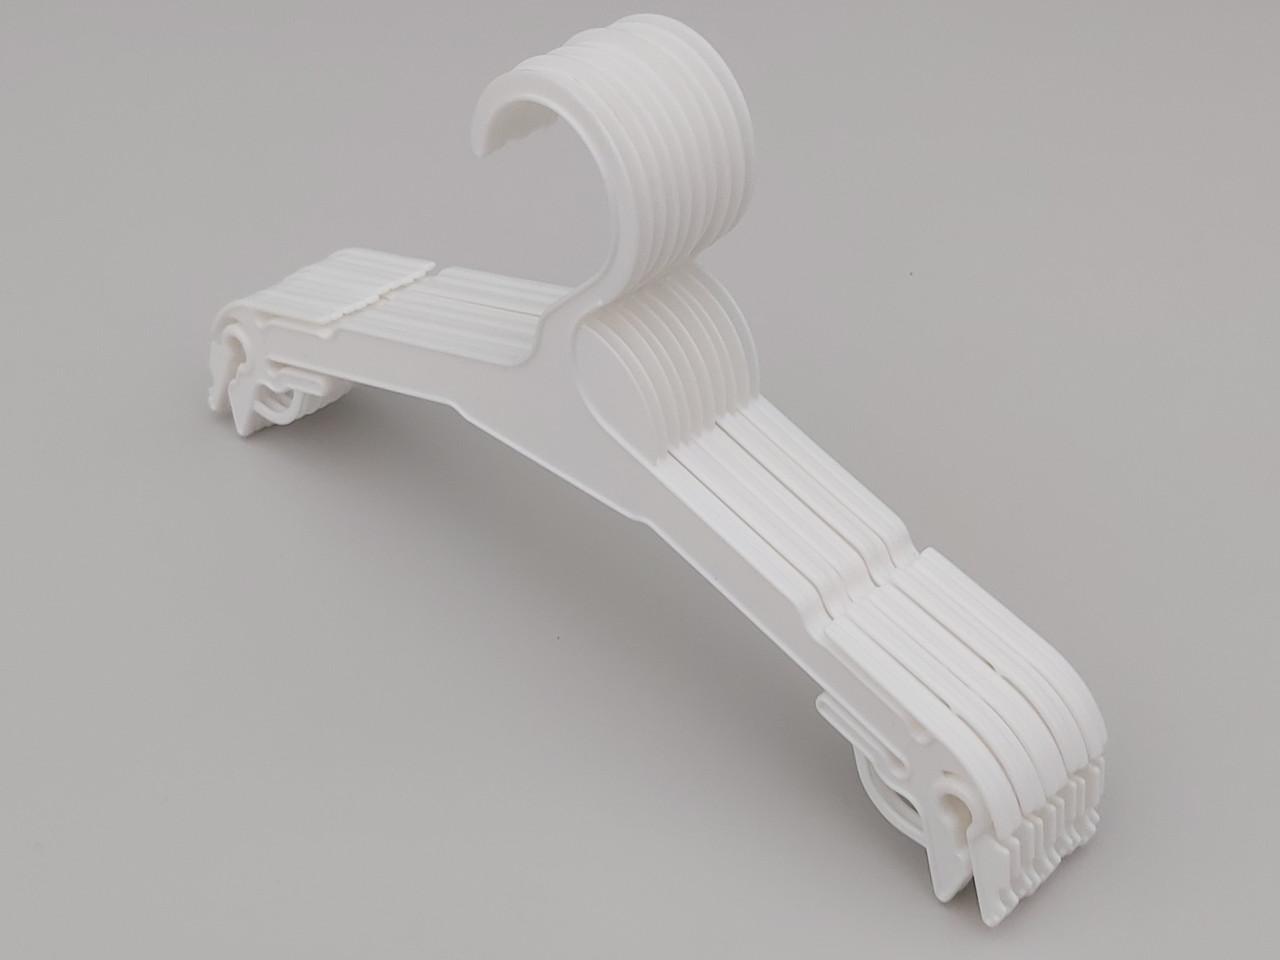 Плічка довжина 27 см, в упаковці 10 штук. V-N227 білого кольору